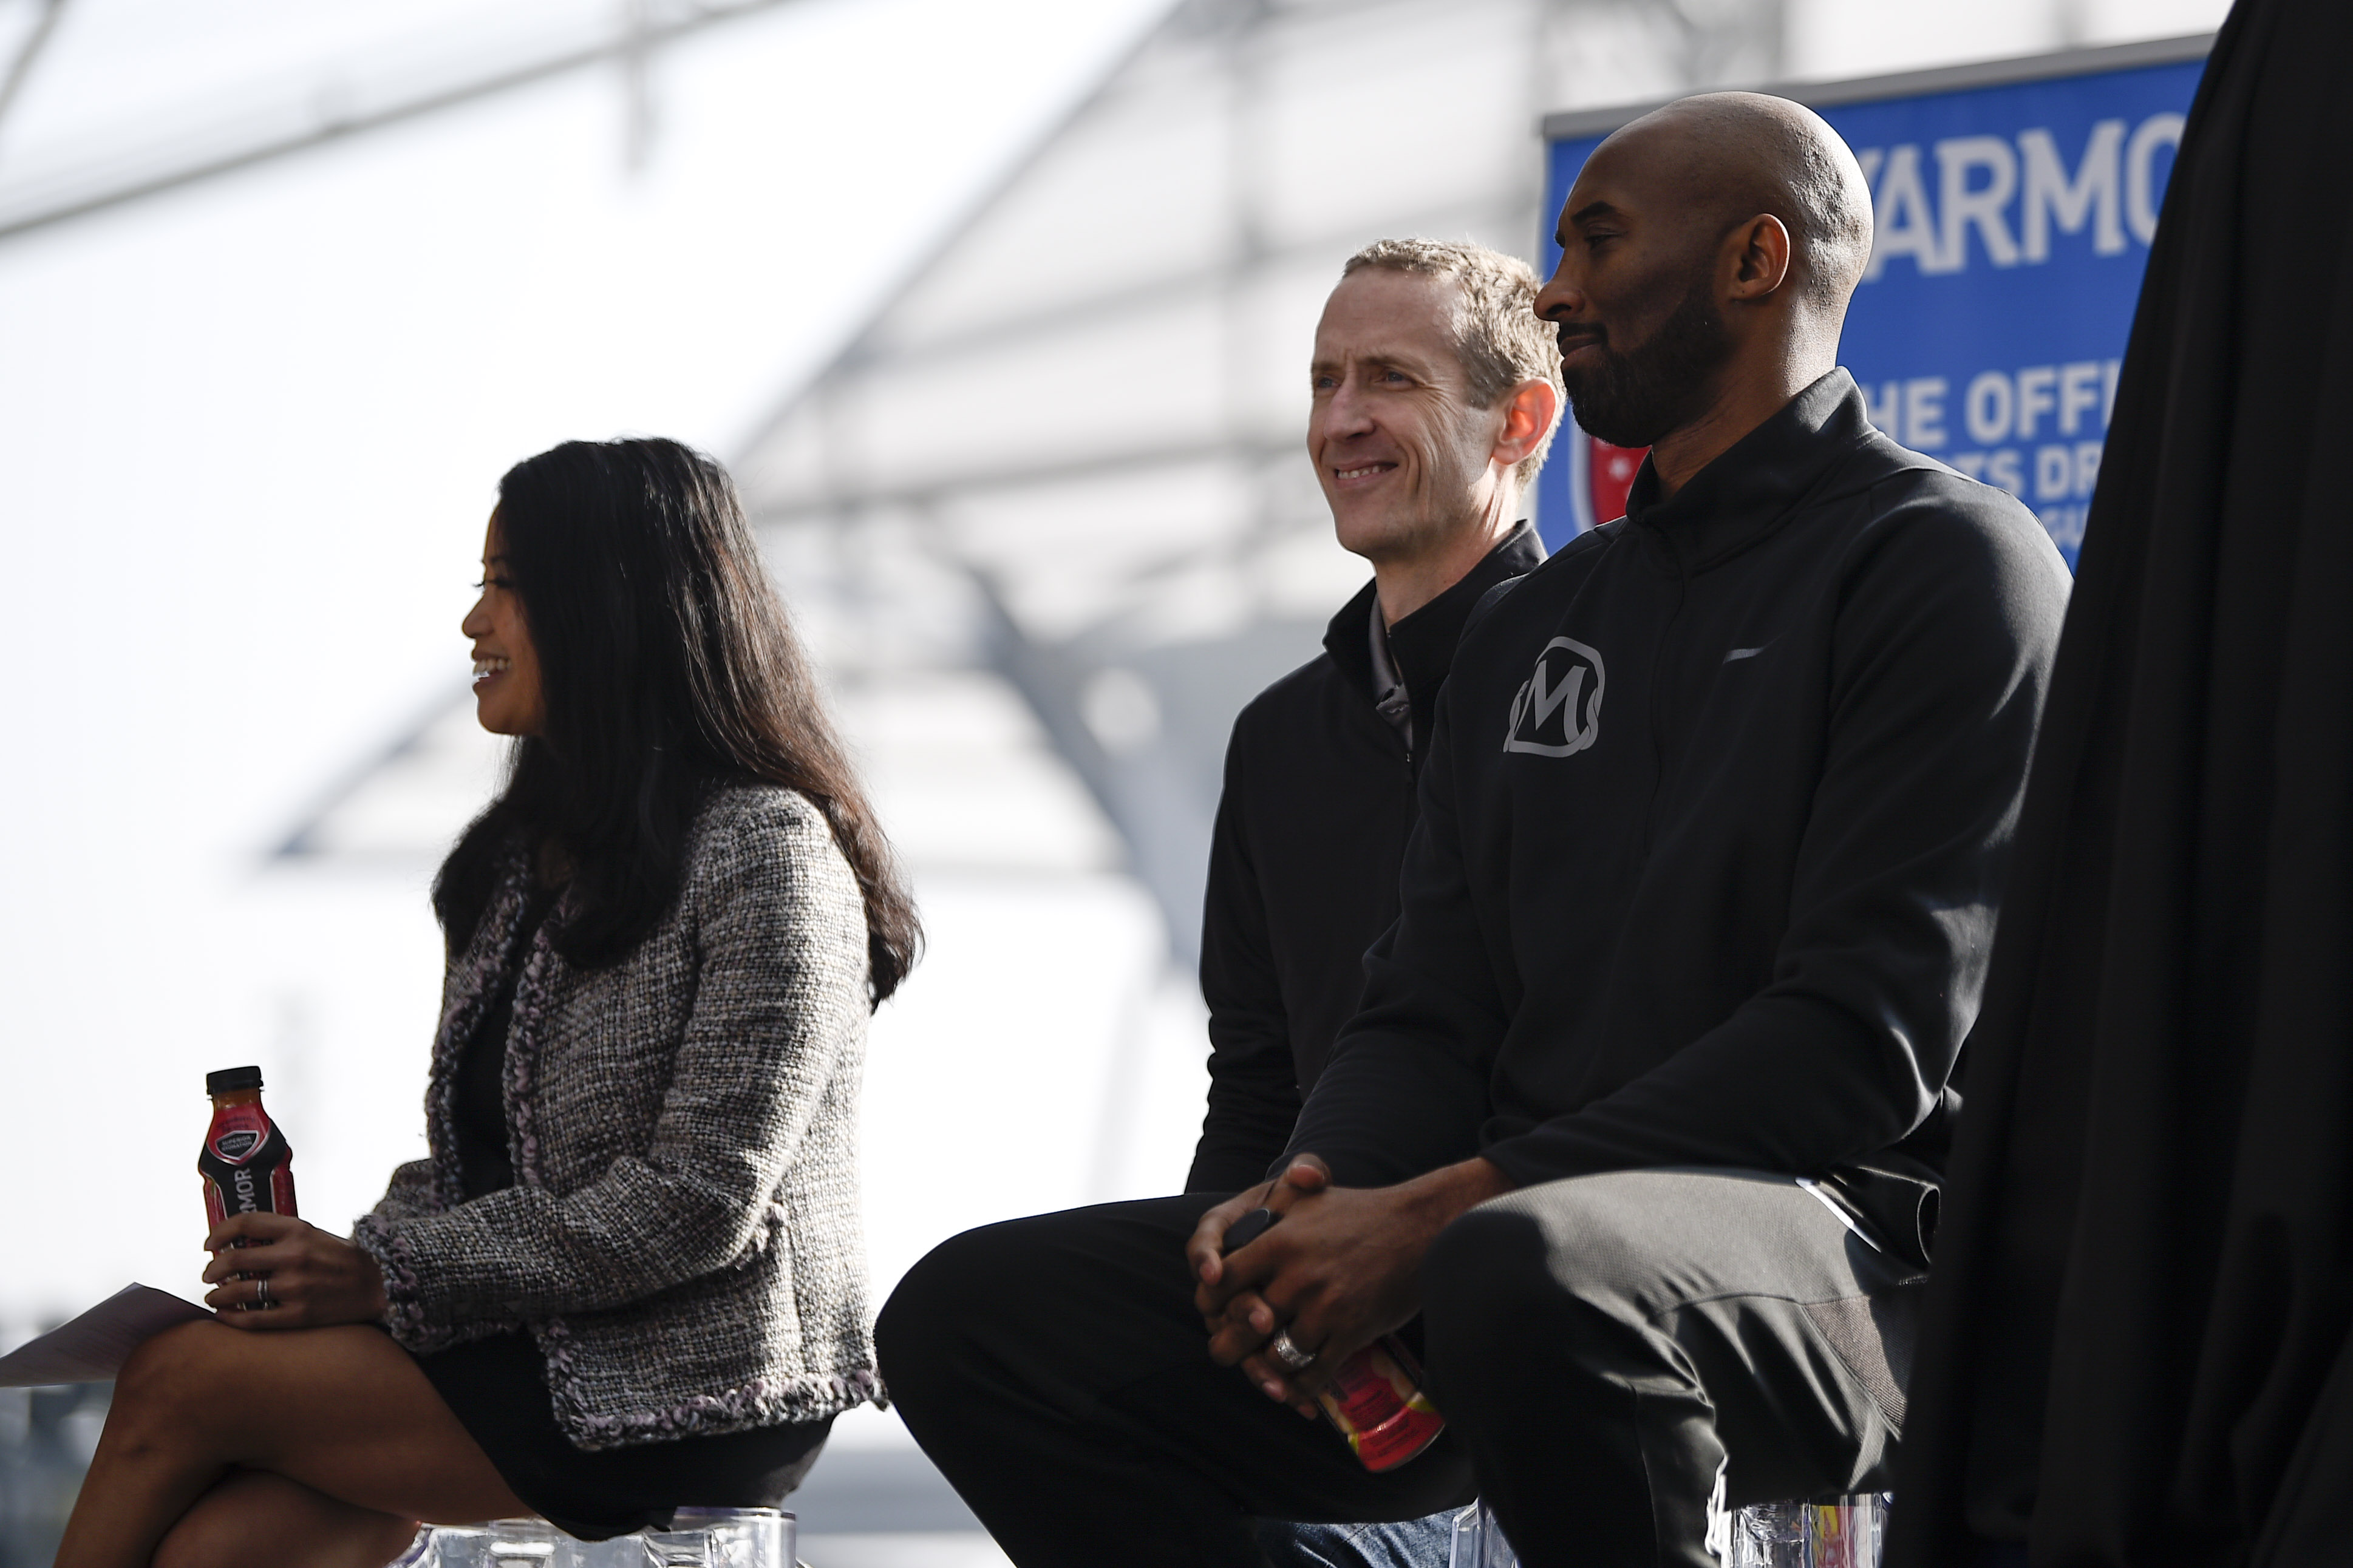 MLS: BodyArmor-Press Conference